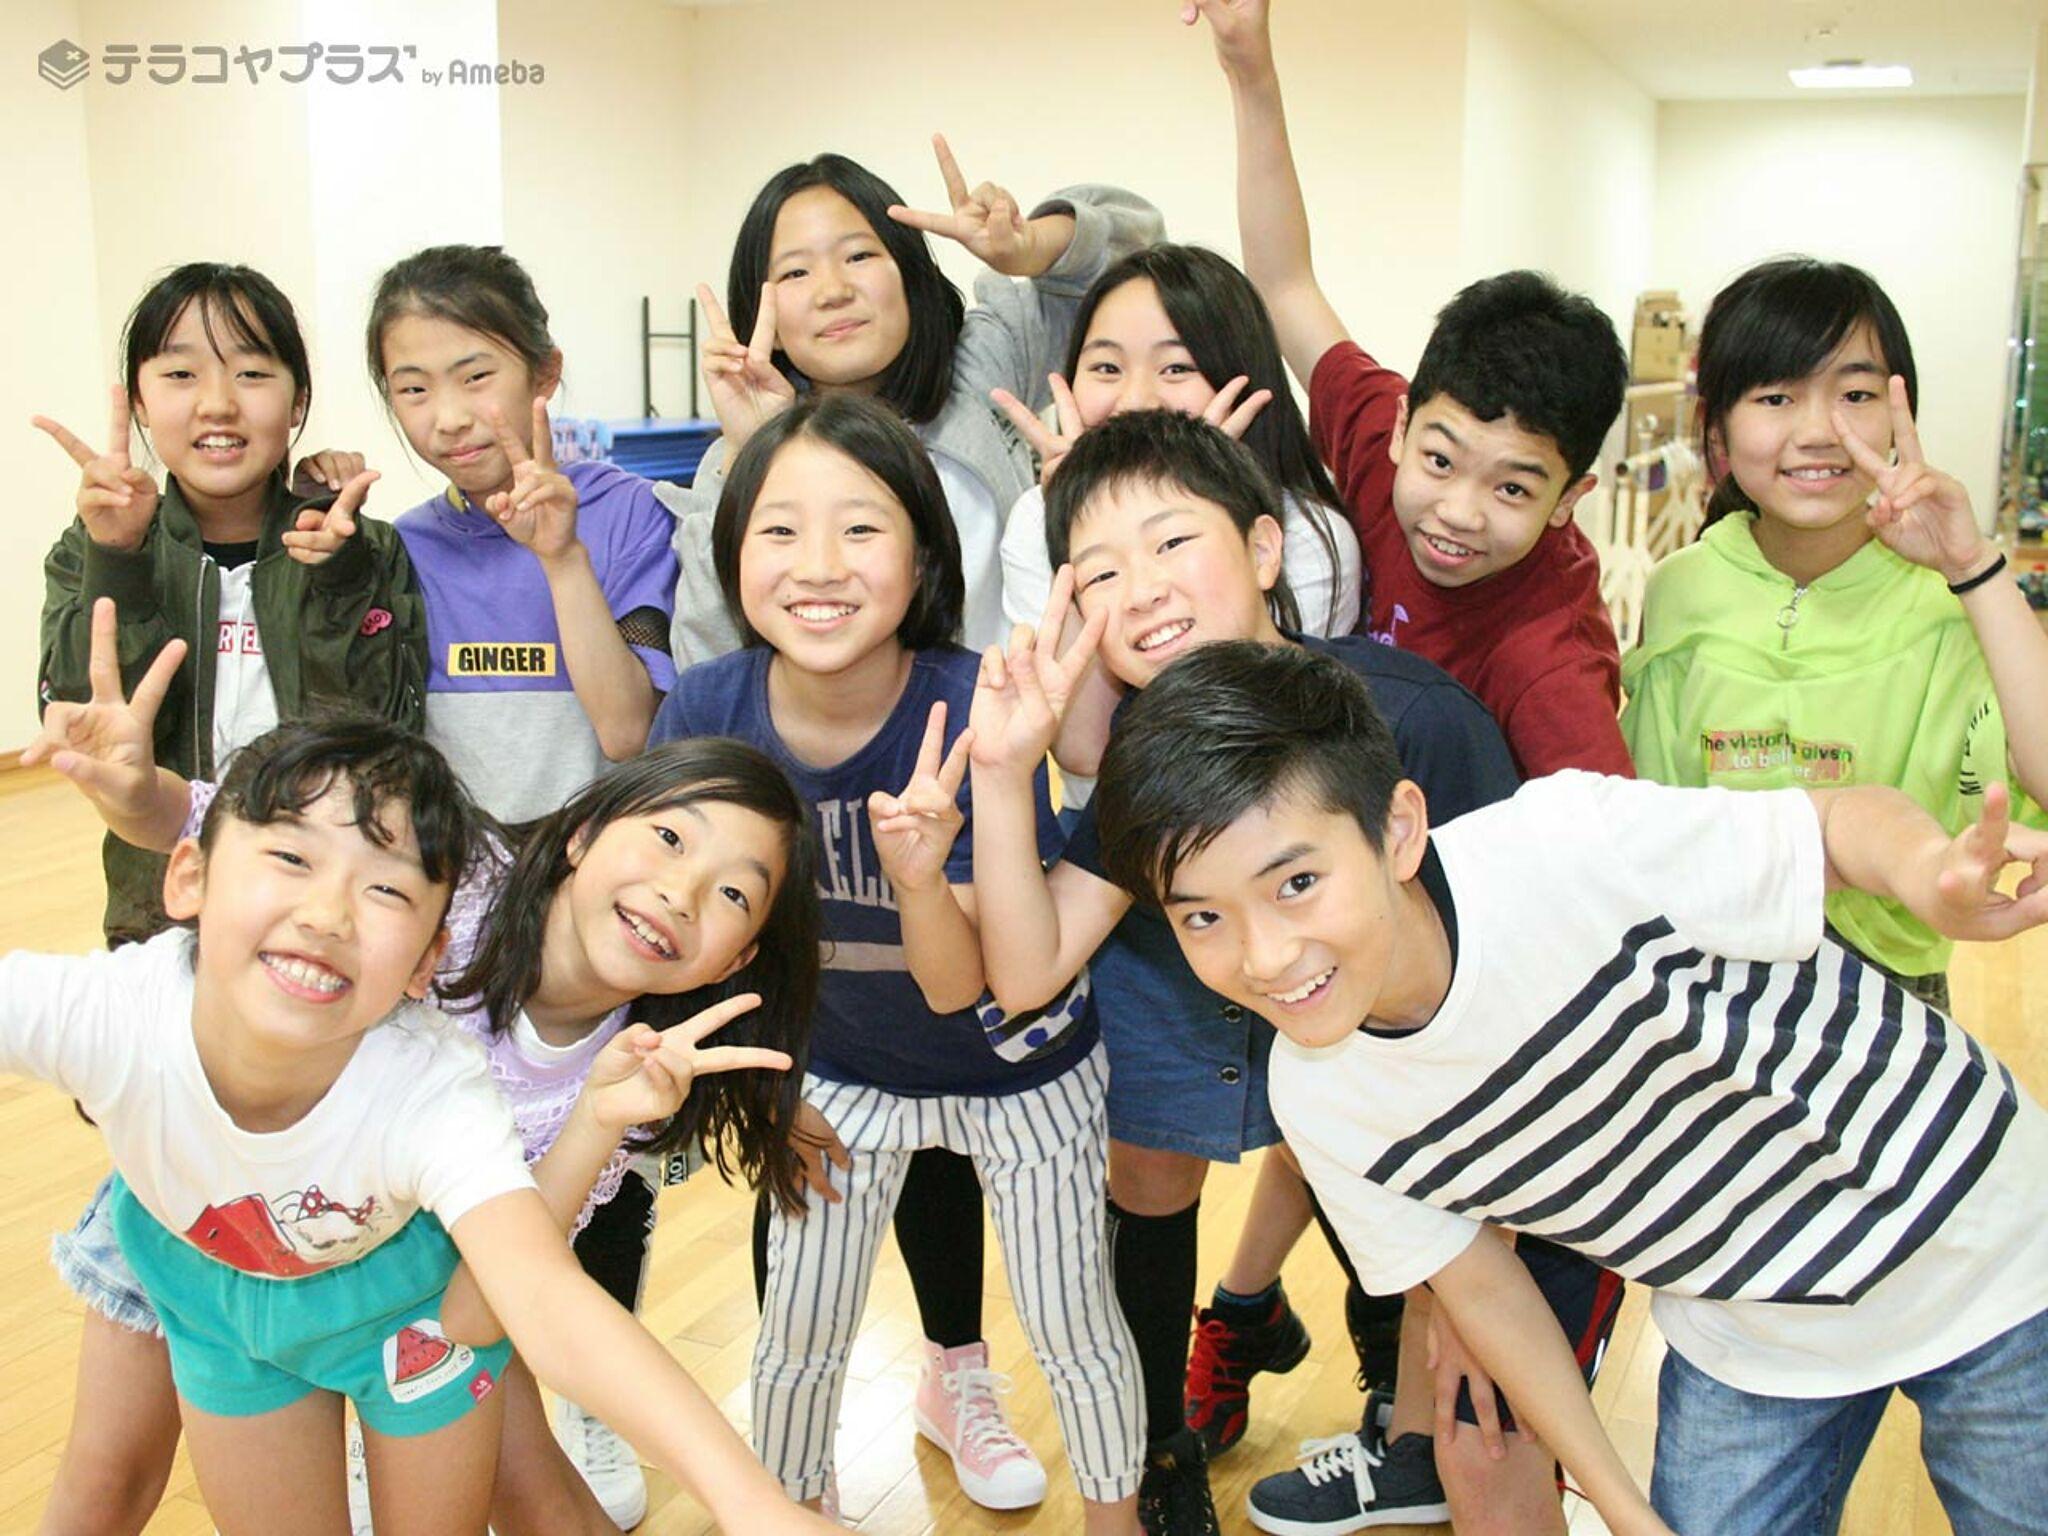 楽しそうに写真に写る子どもたちの画像